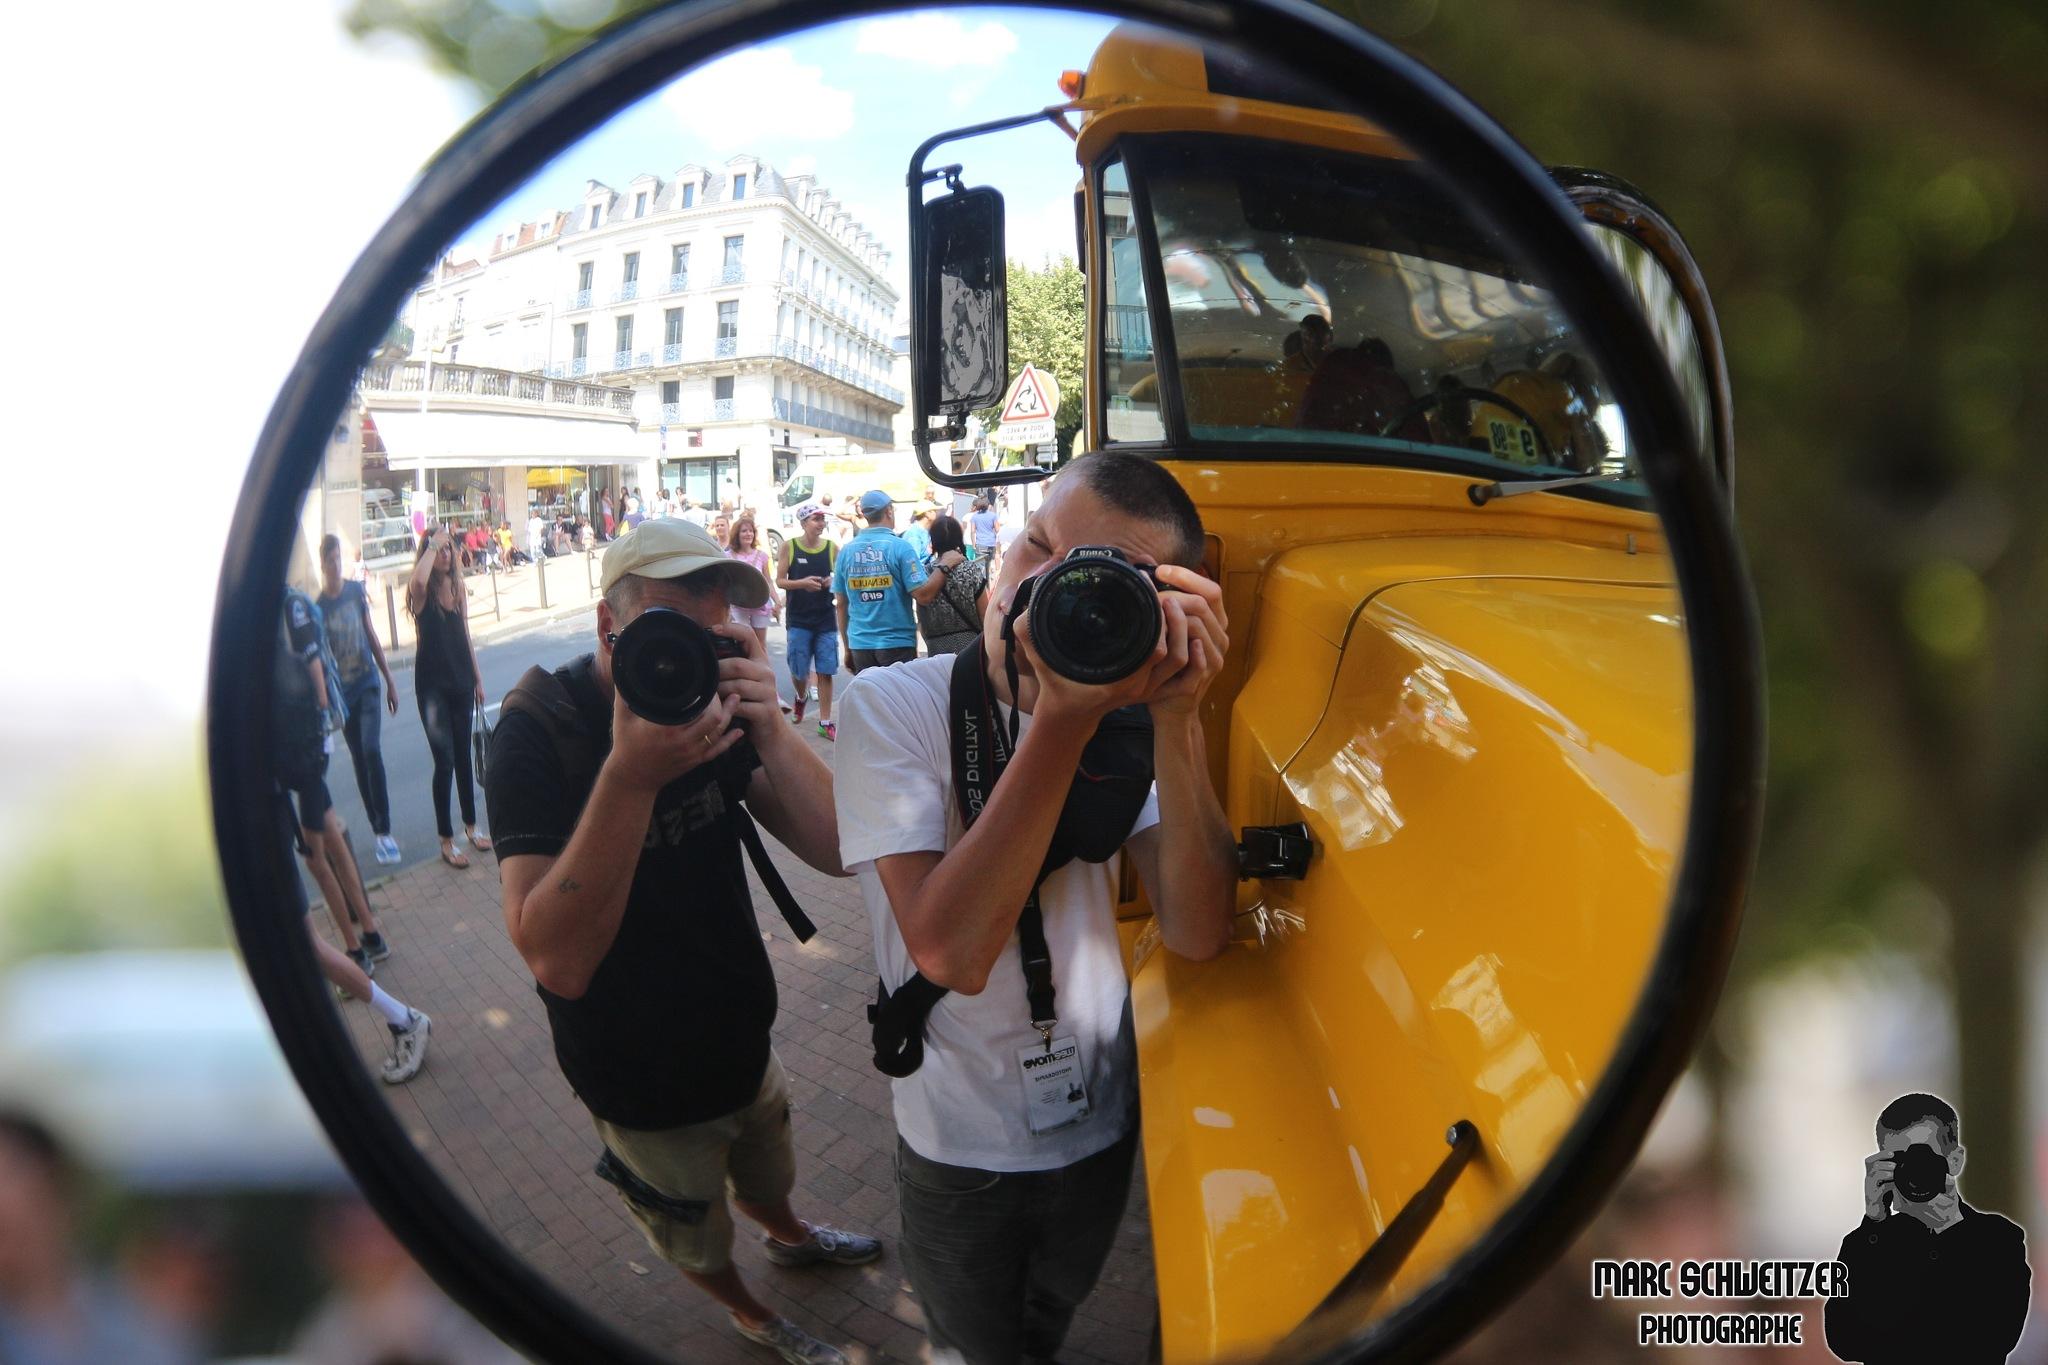 Tour de france 2014 by Marc schweitzer